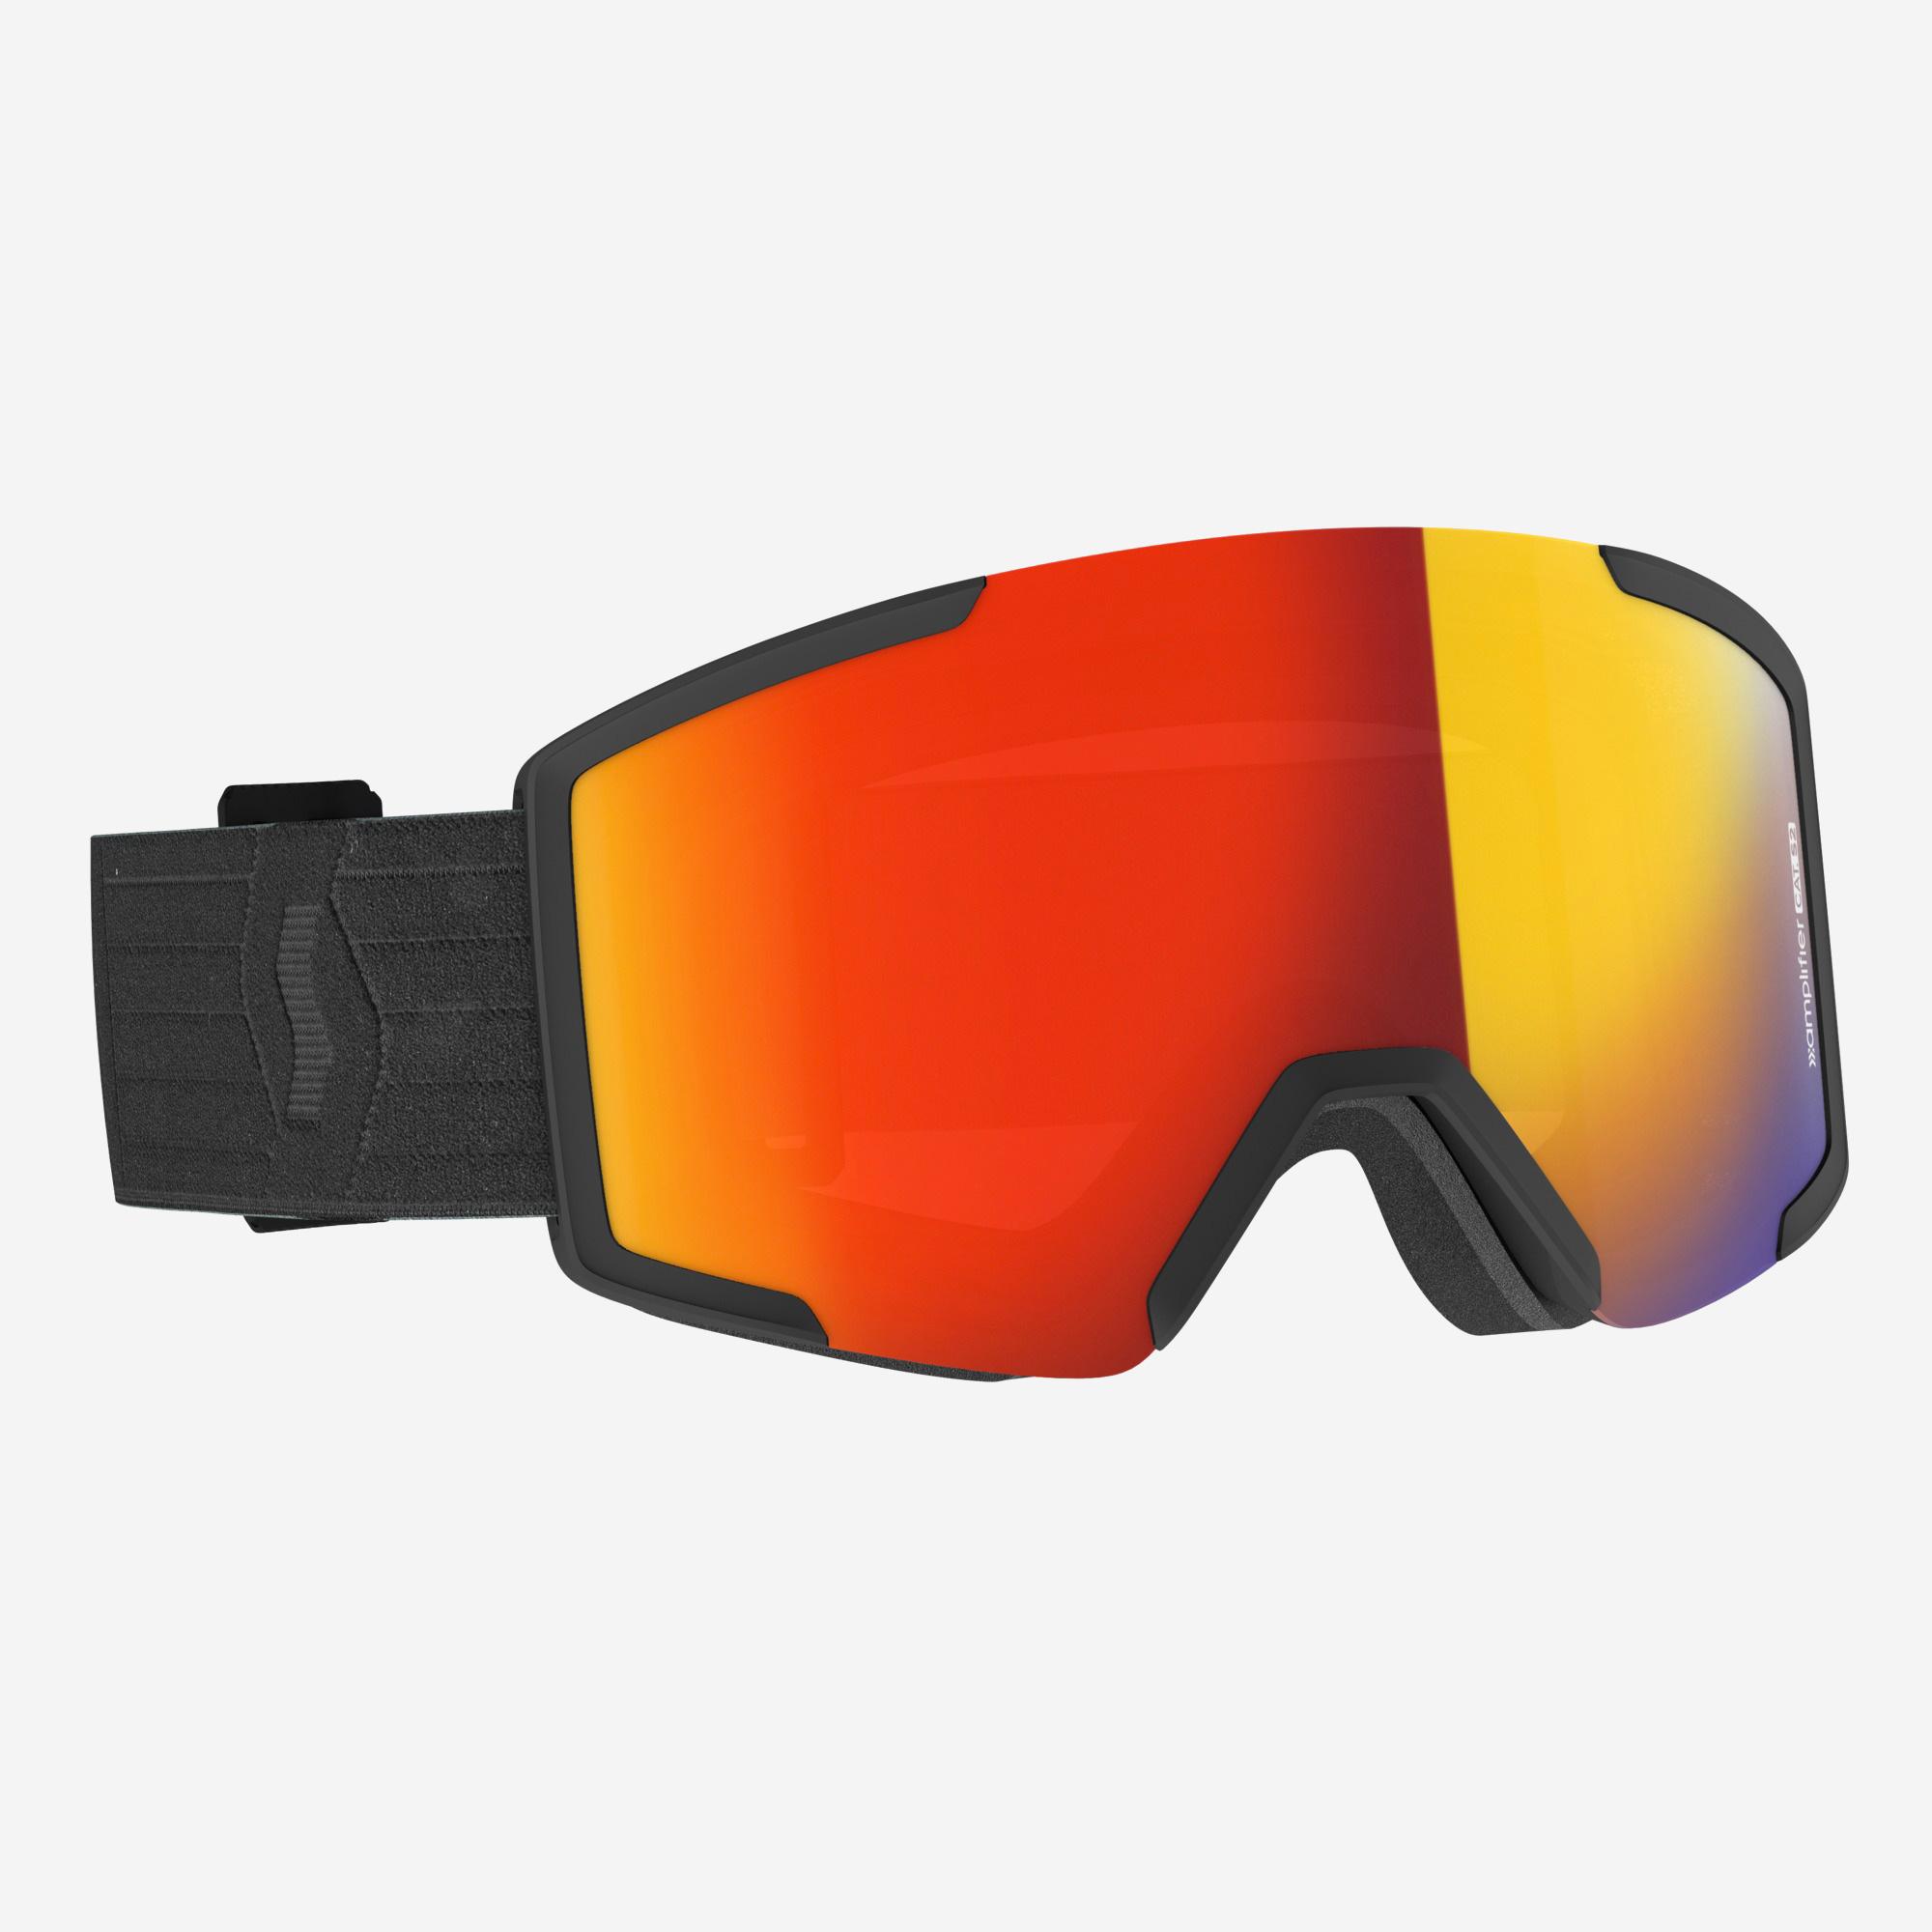 Scott-Shield-Goggle